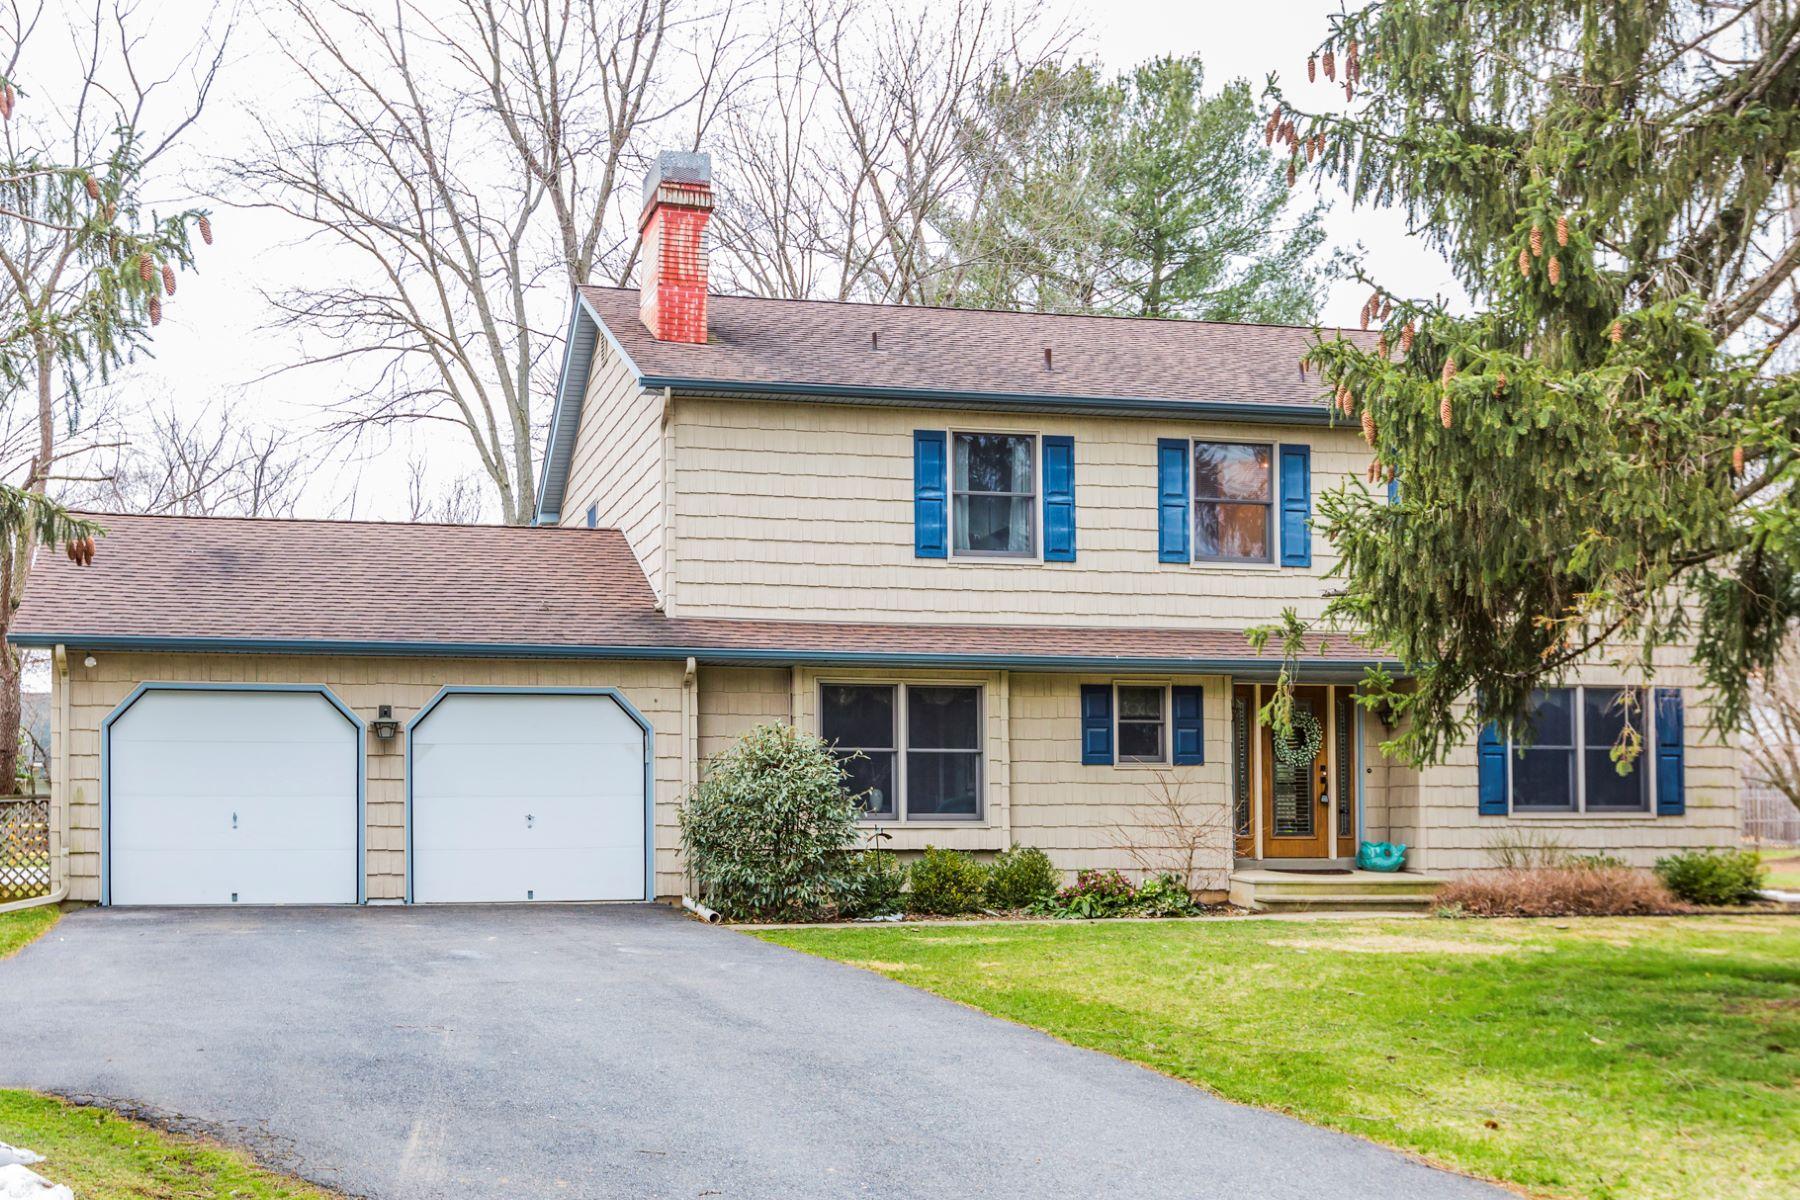 Casa Unifamiliar por un Venta en Sitting Pretty in Carnegie Ridge - South Brunswick Township 4 Spruce Lane Princeton, Nueva Jersey, 08540 Estados Unidos